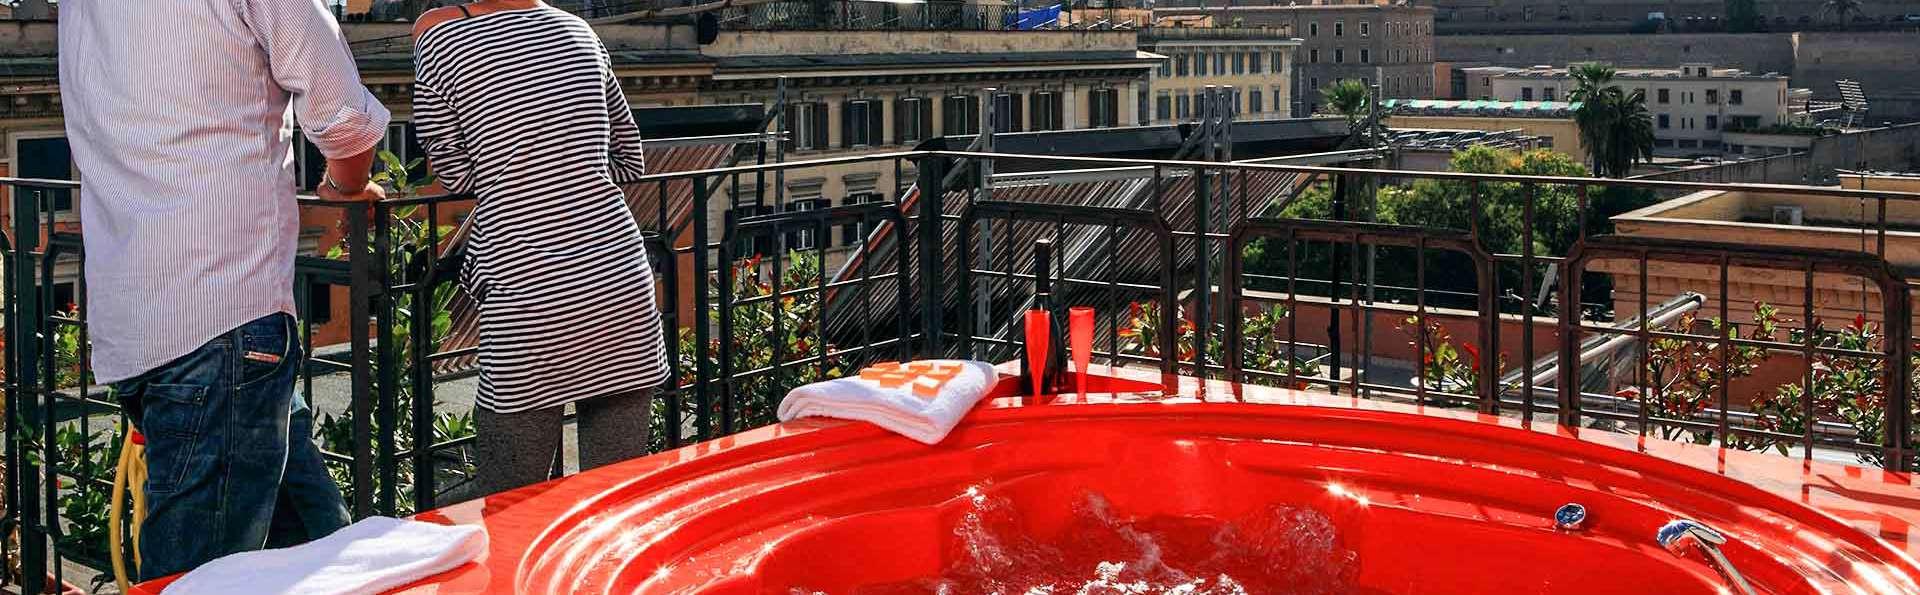 Rome romantique : nuit en hôtel 4 étoiles, avec baignoire à hydromassage en terrasse avec vue